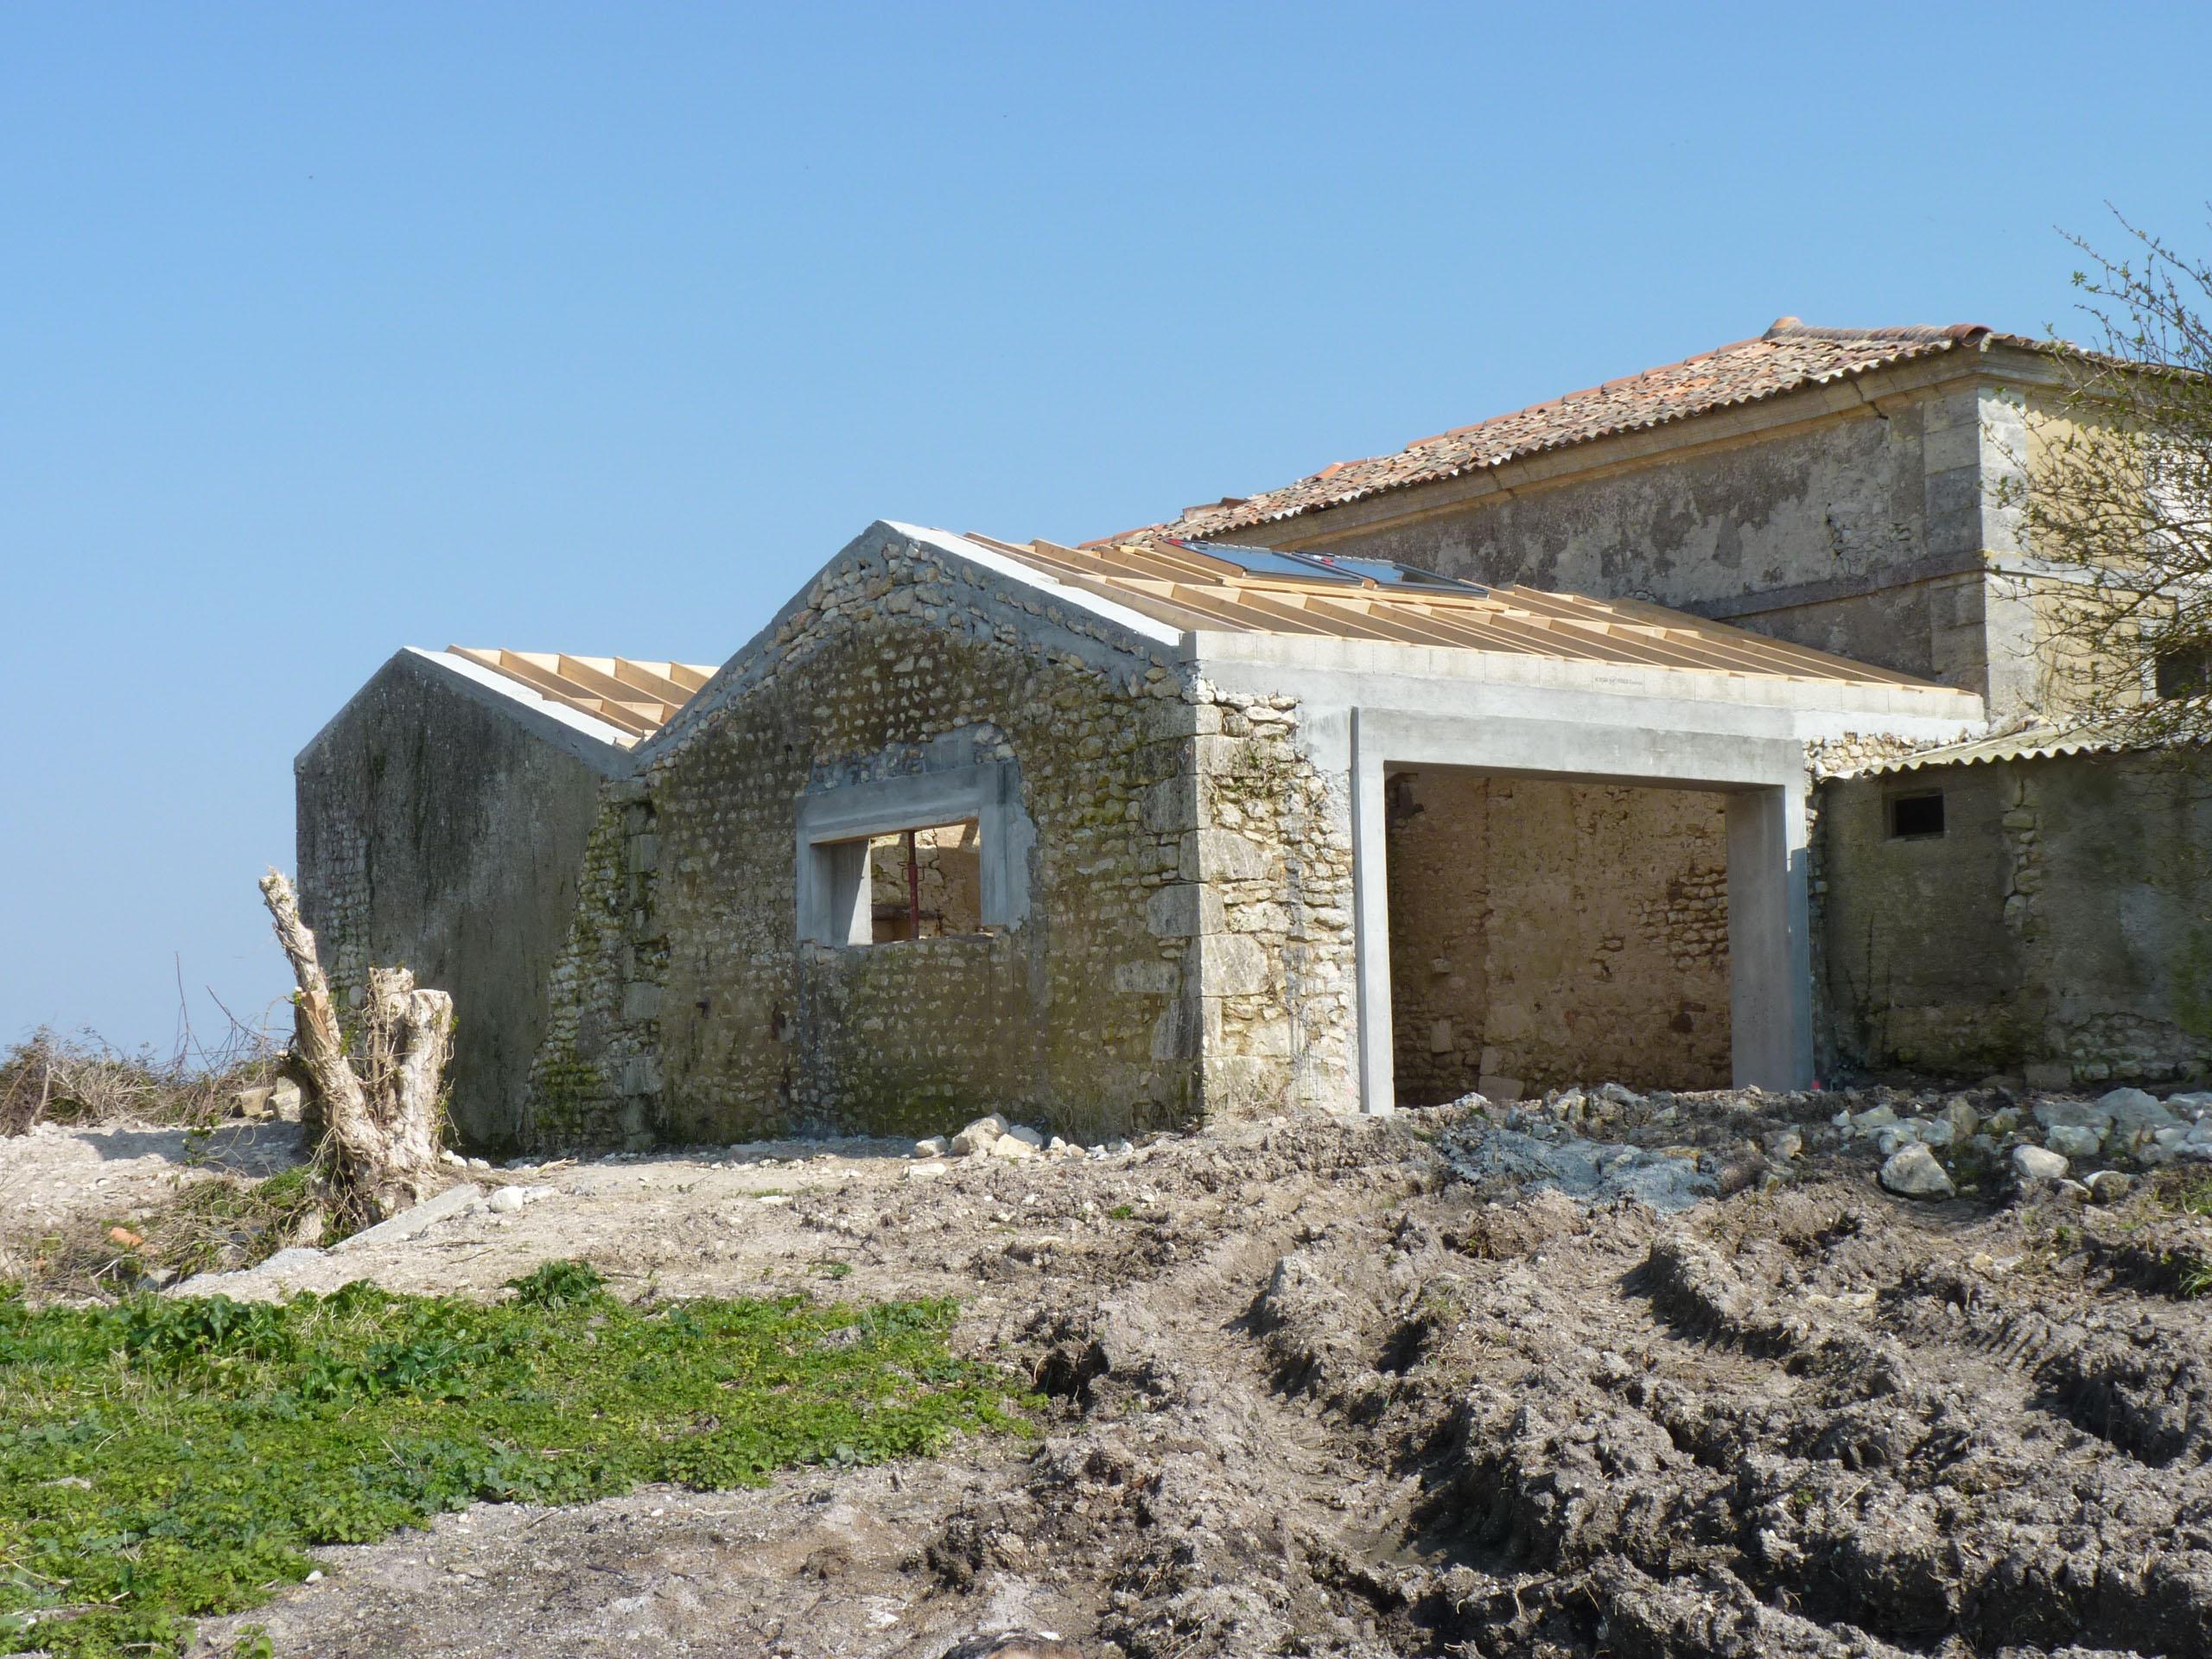 R habilitation d une grange en habitation barzan archi - Rehabilitation d une grange en habitation ...